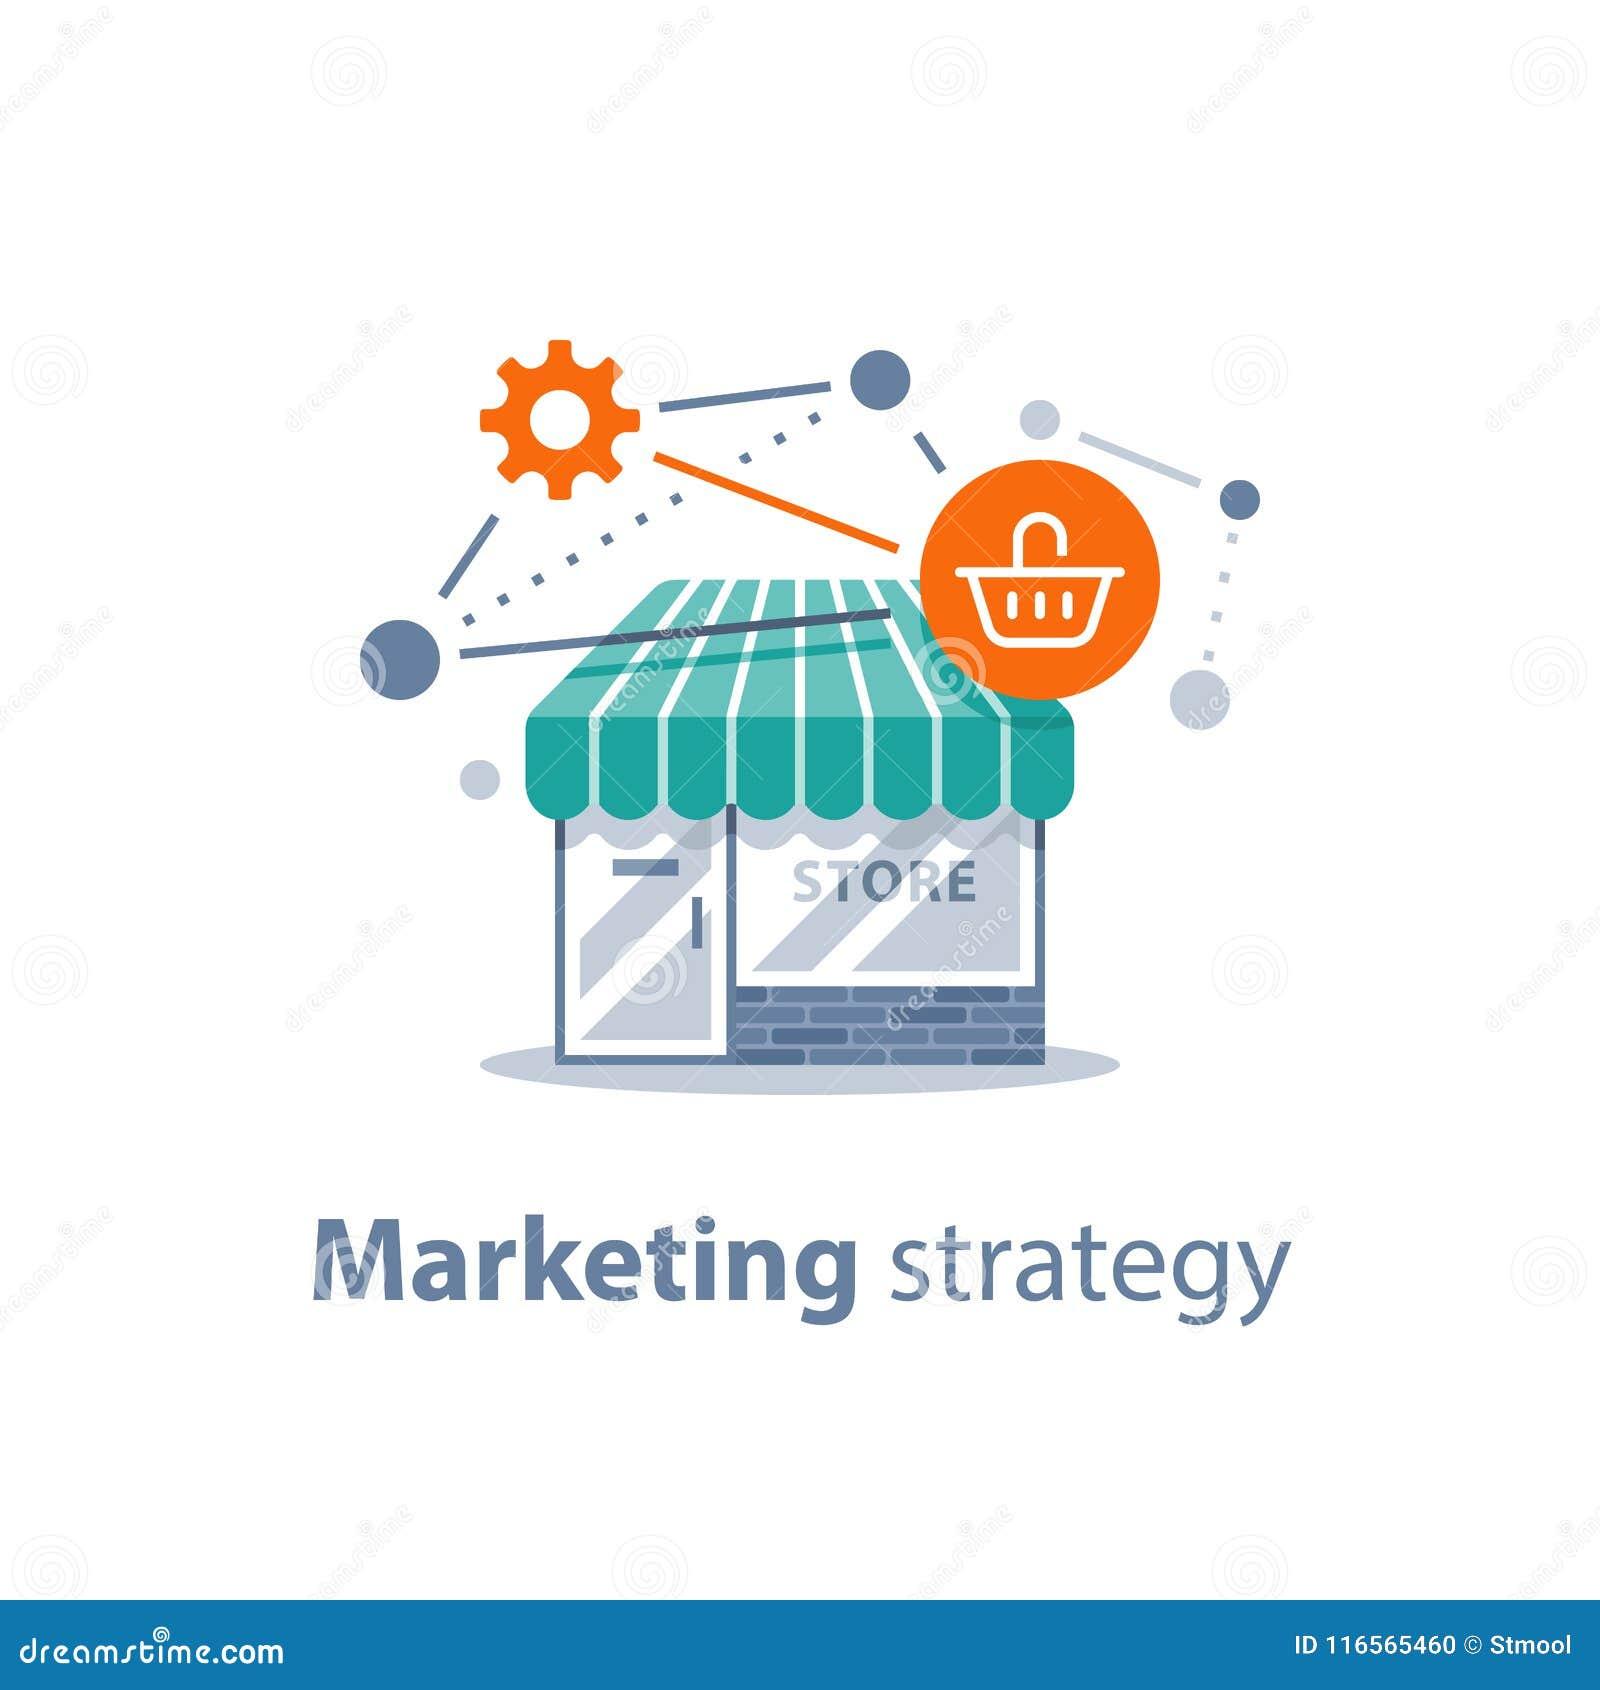 Online-shoppingteknologi, marknadsföringsstrategi, återförsäljnings- utveckling, lagerframdel